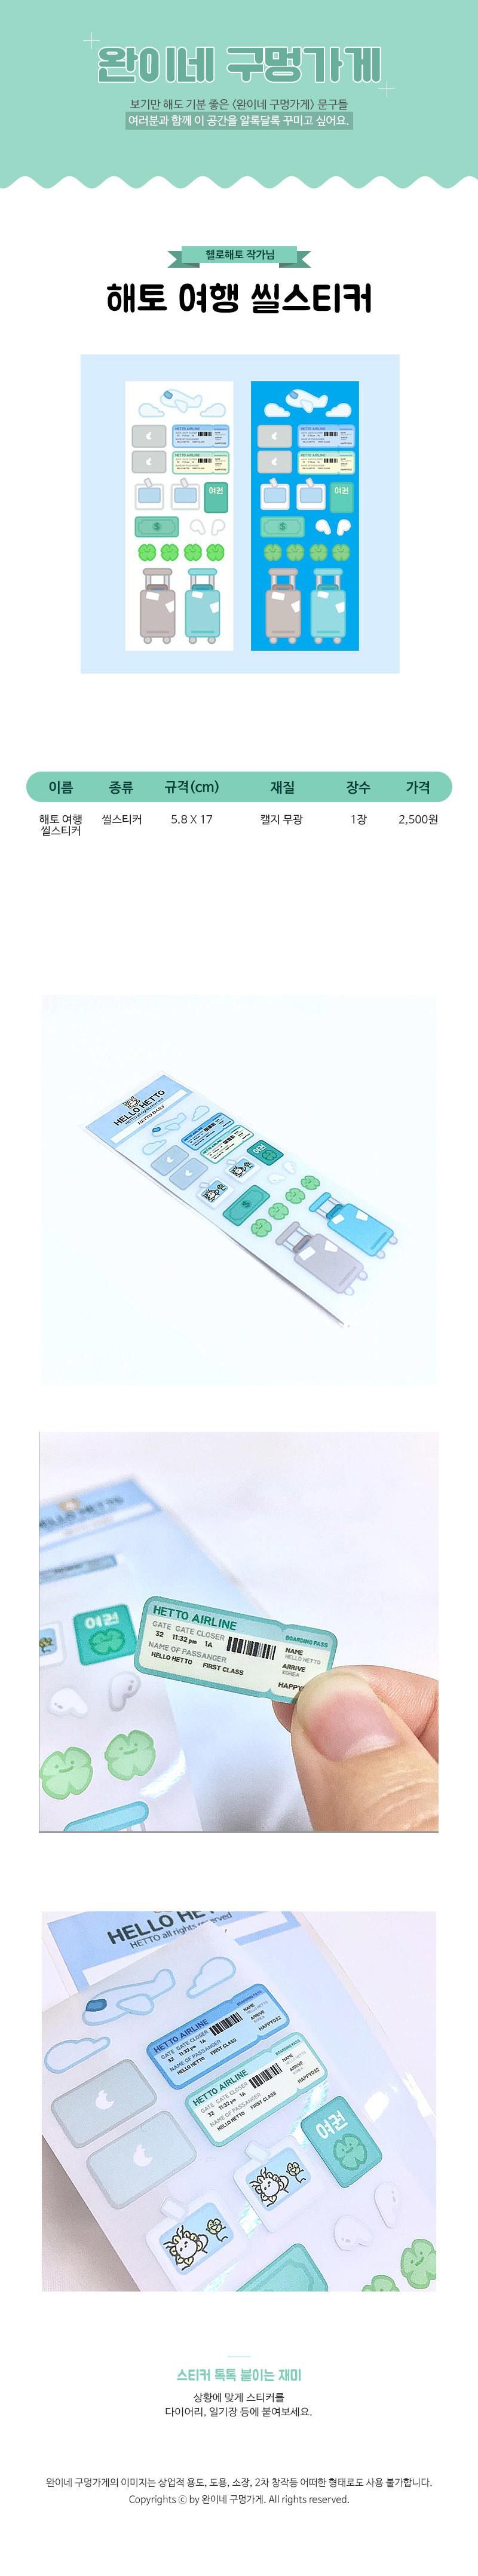 sticker655